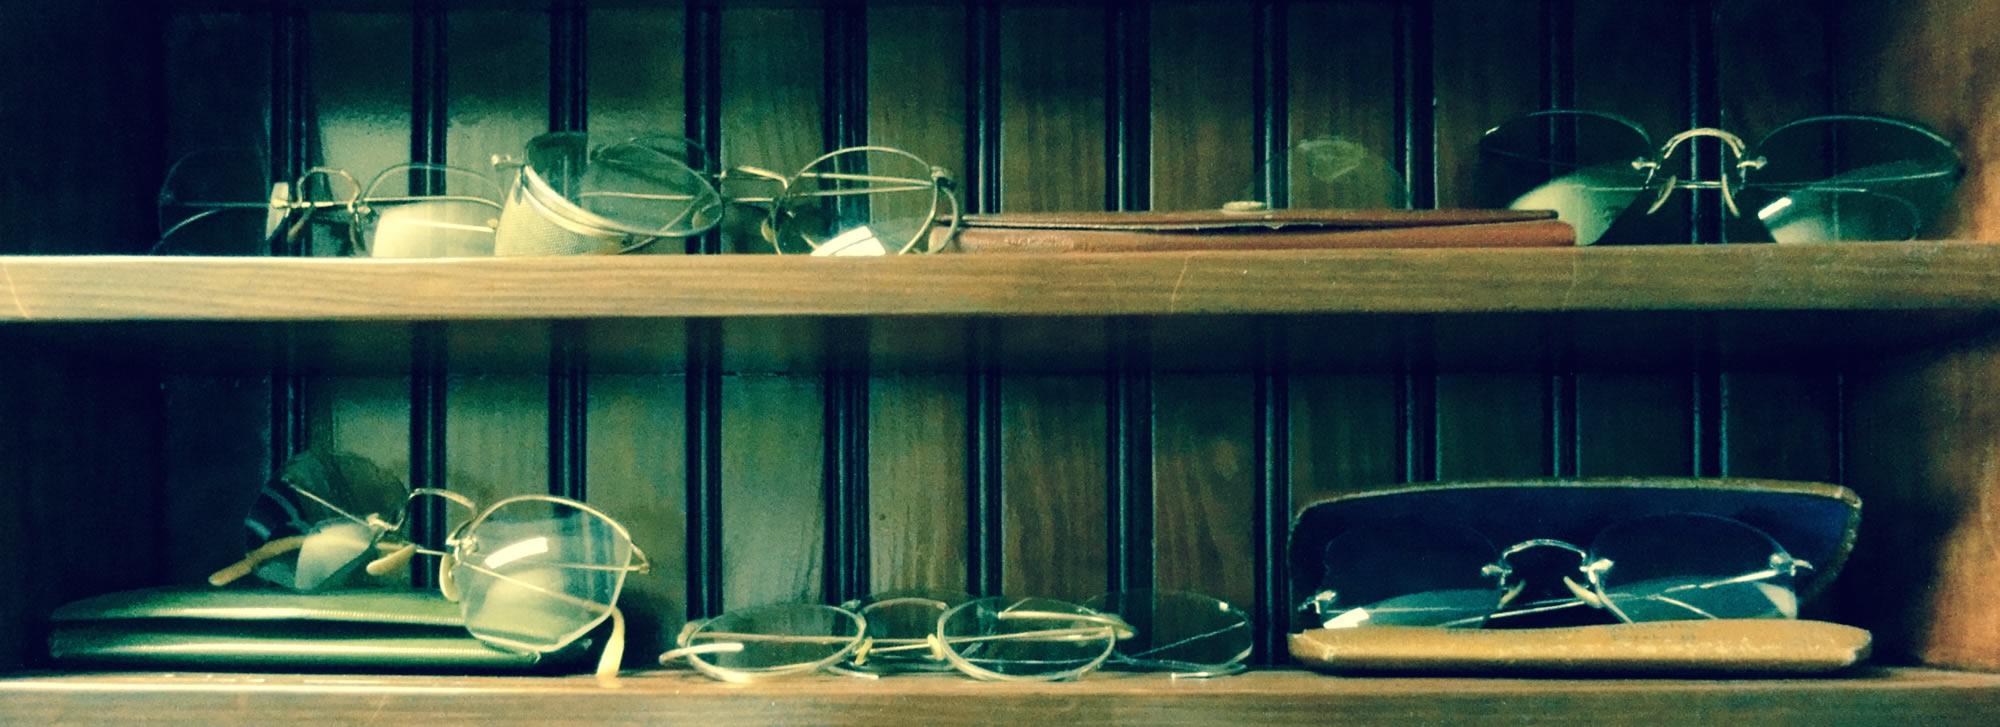 Antique Glasses